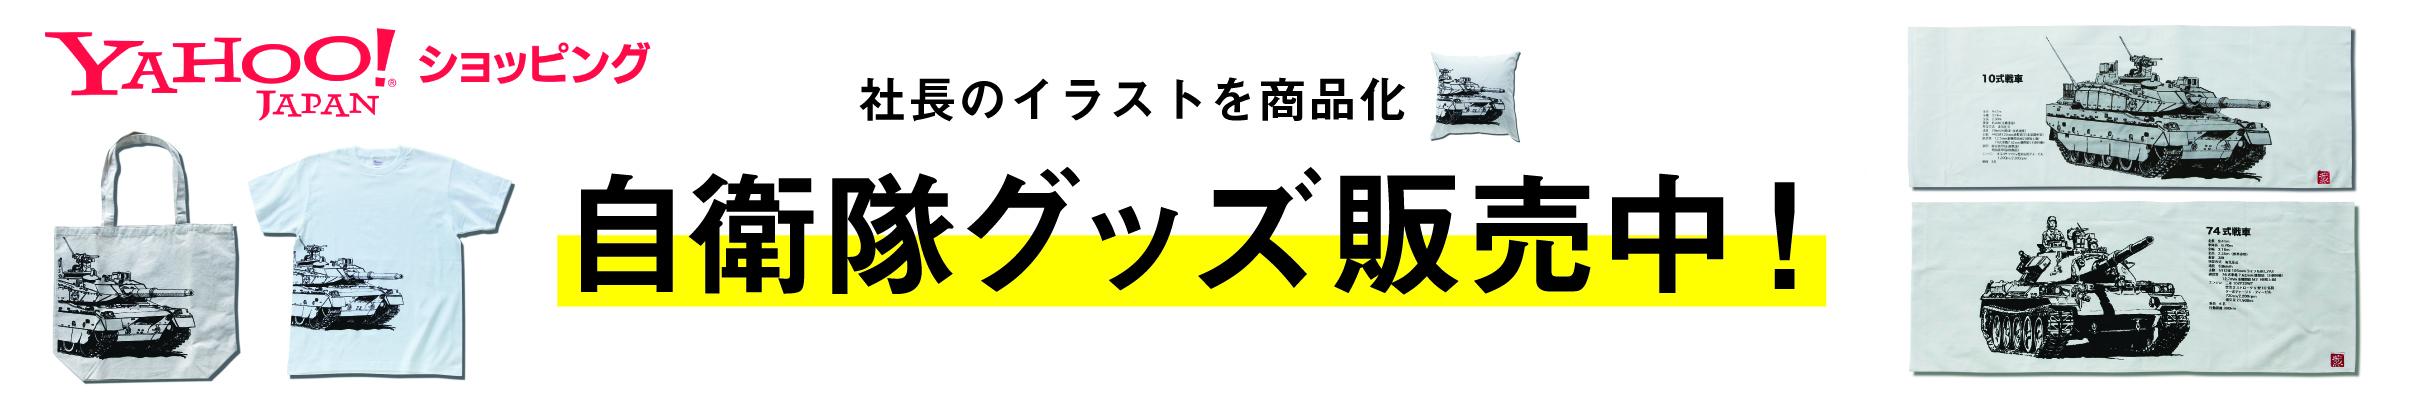 薫yahooショッピングサイト